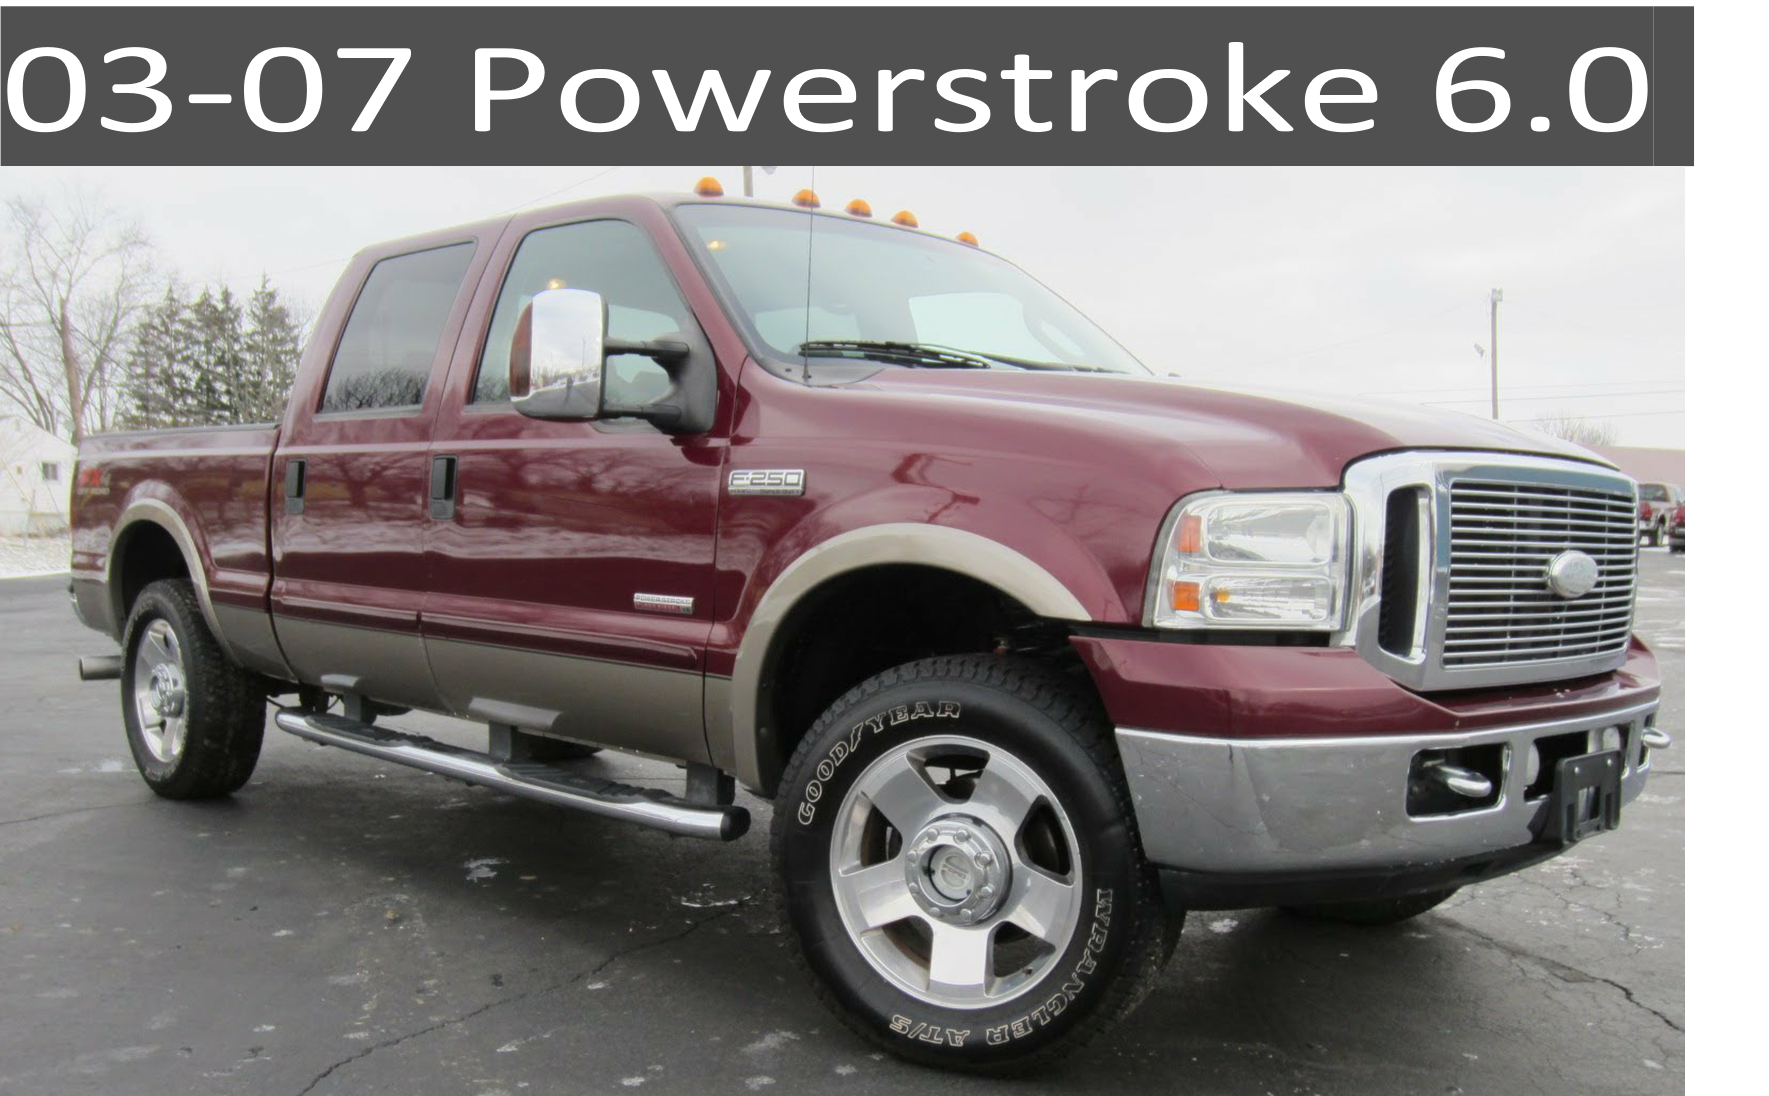 03-07 Ford 6.0 Powerstroke Diesel Parts